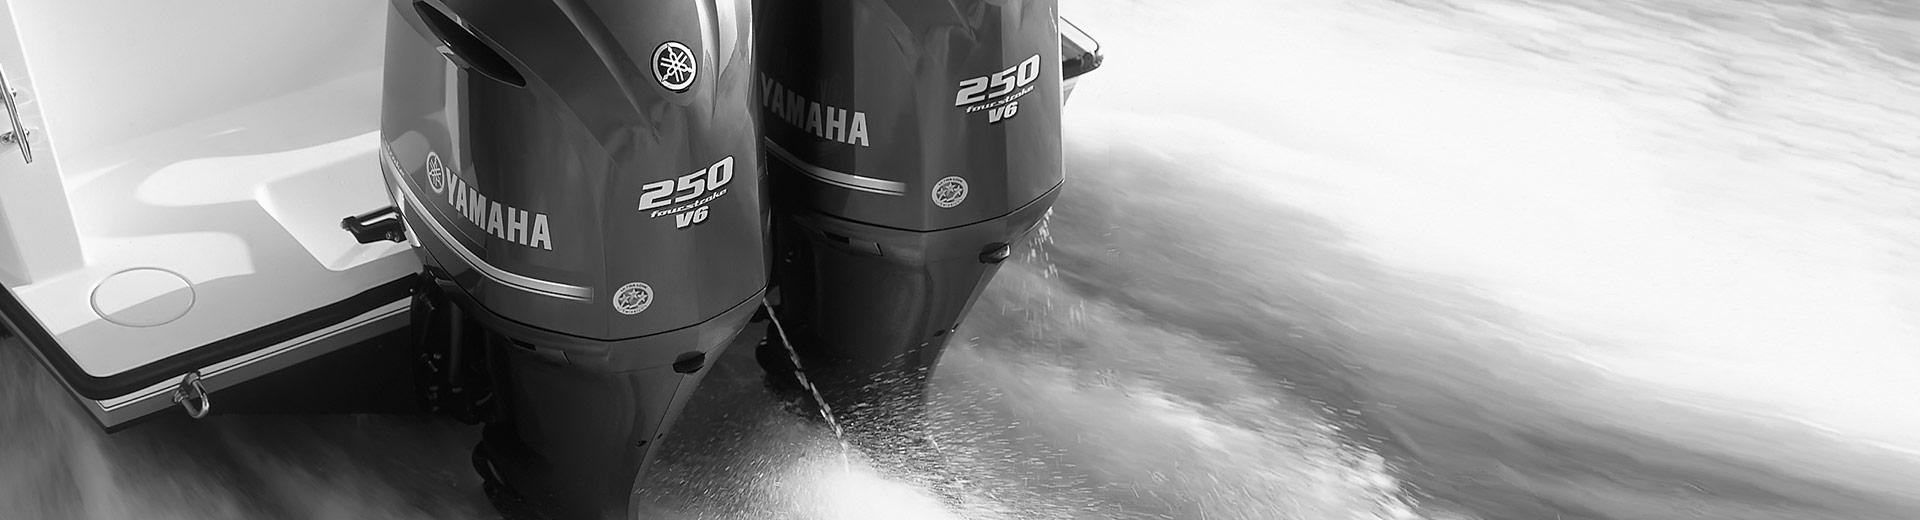 Yamaha Maintenance River & Sea Marine Soldotna, AK (800) 770-7700